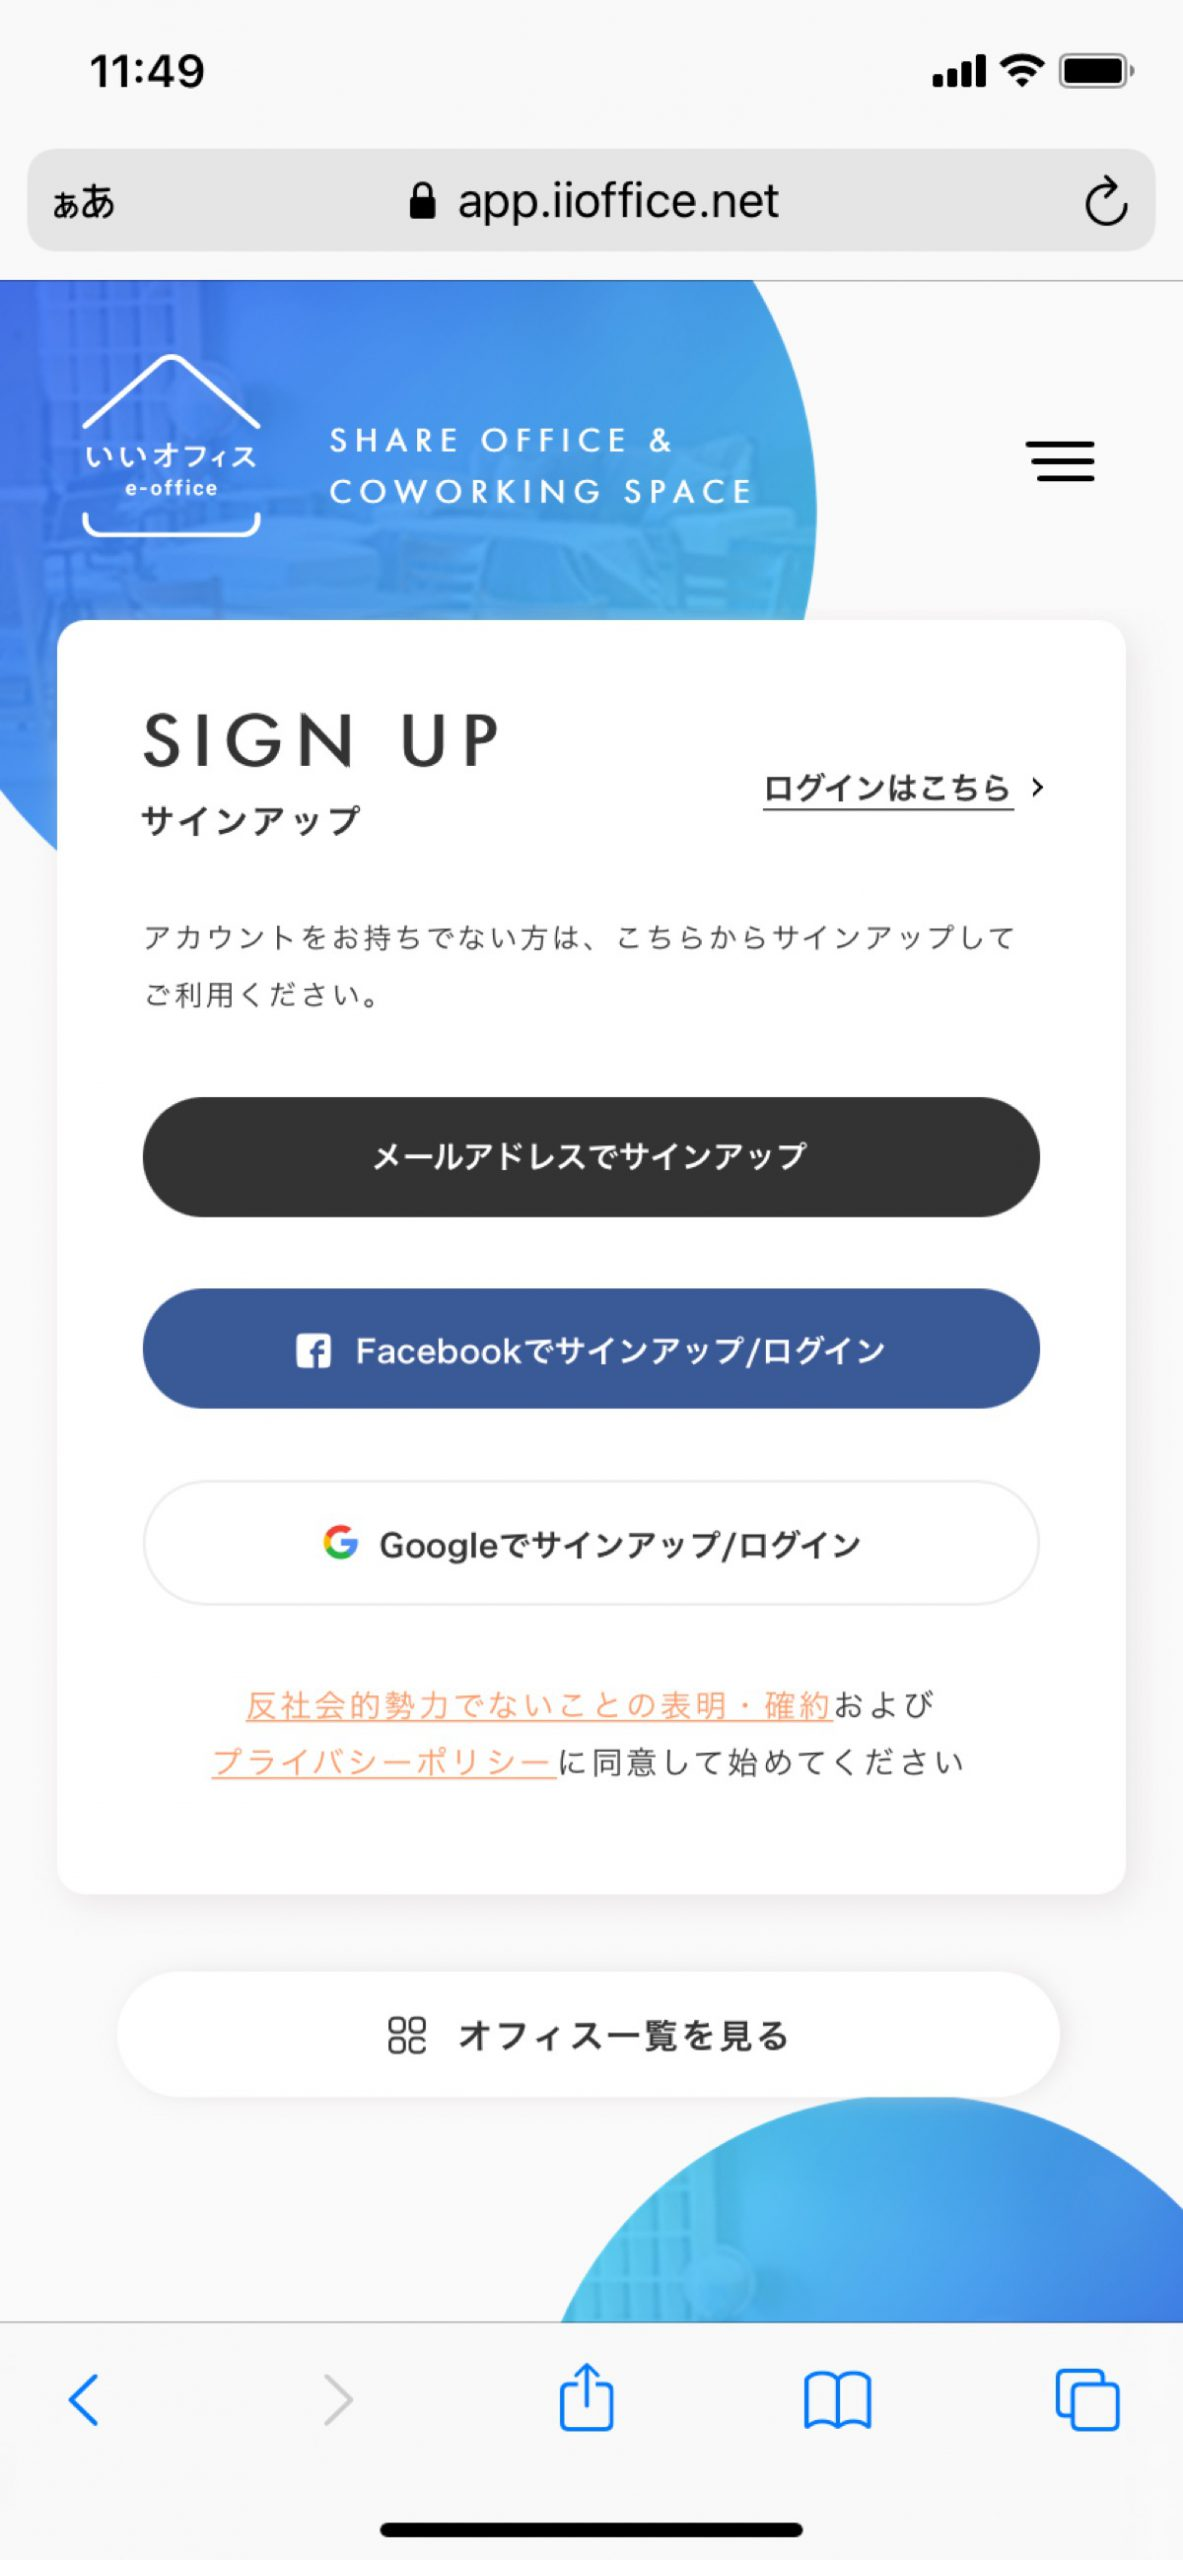 いいオフィス上野 Webアプリ